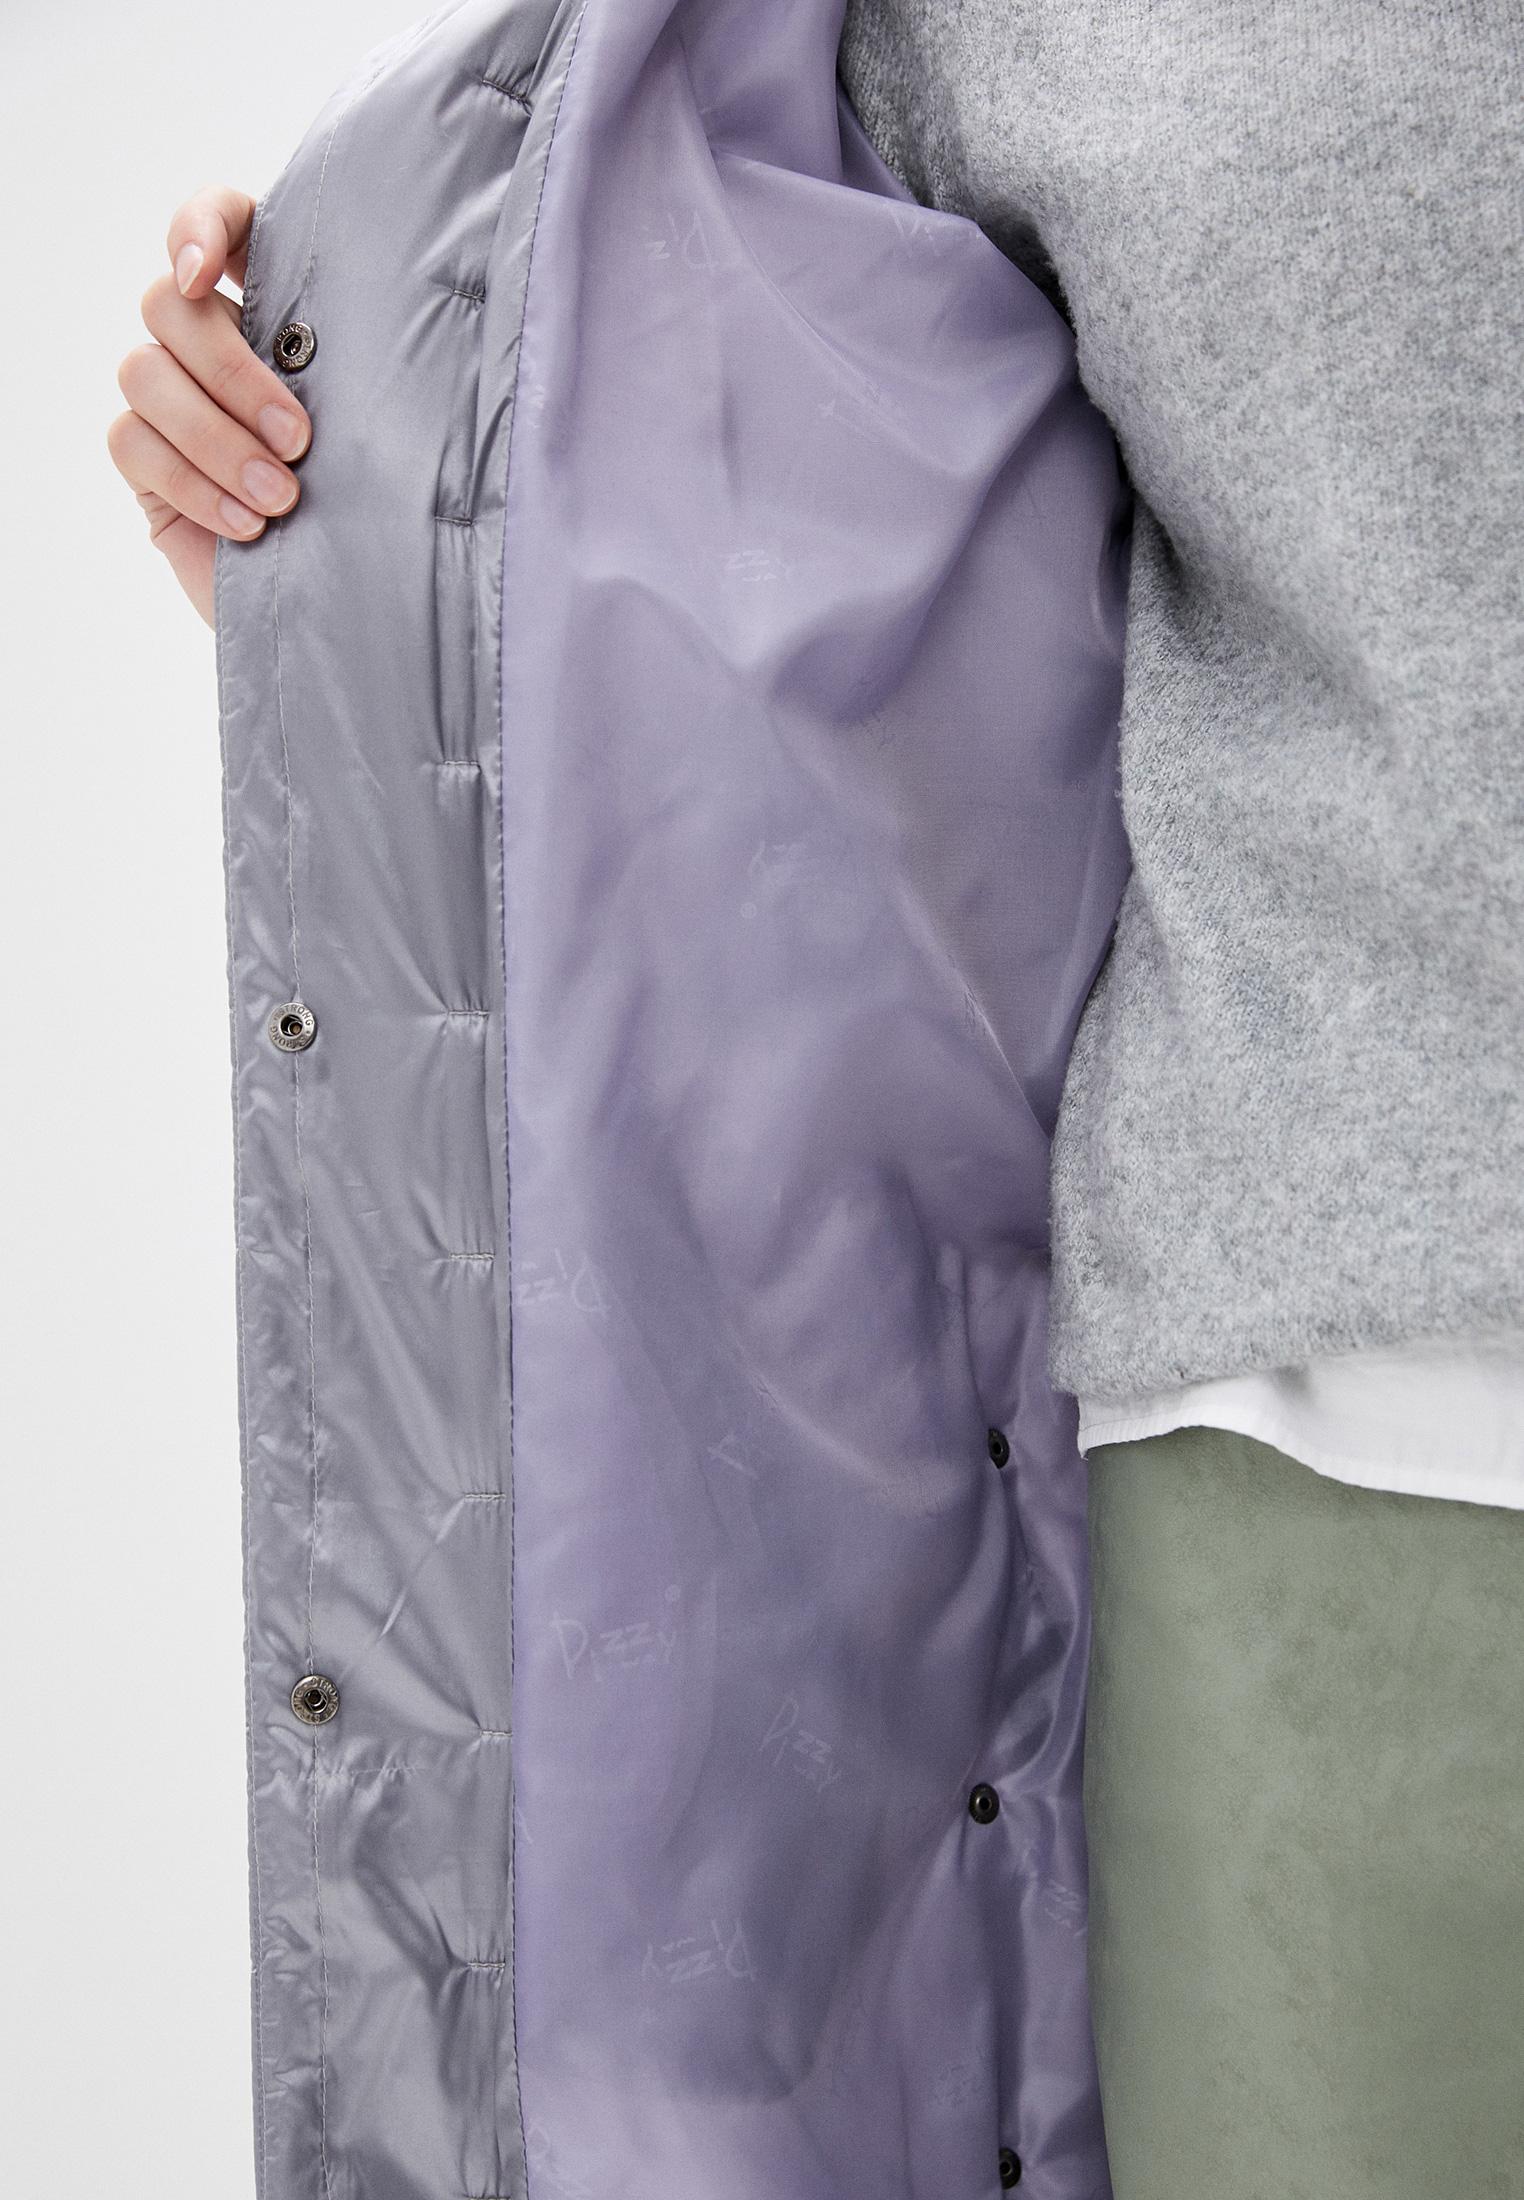 Утепленная куртка Nataliy Beate Пальто мод.132: изображение 11